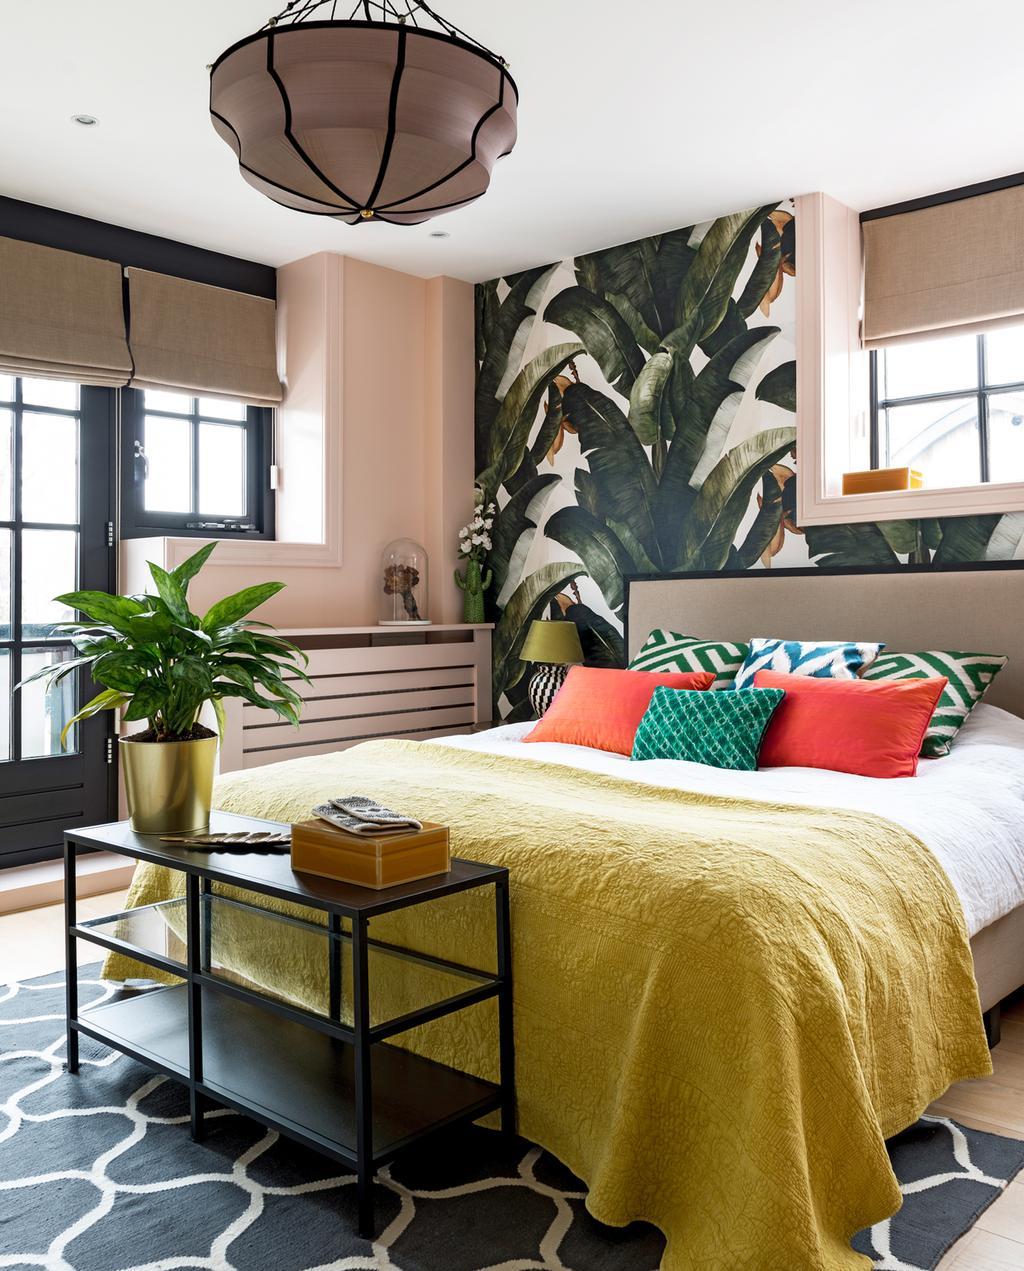 vtwonen binnenkijken special 2019 | binnenkijken in jaren twintig huis in Wassenaar slaapkamer